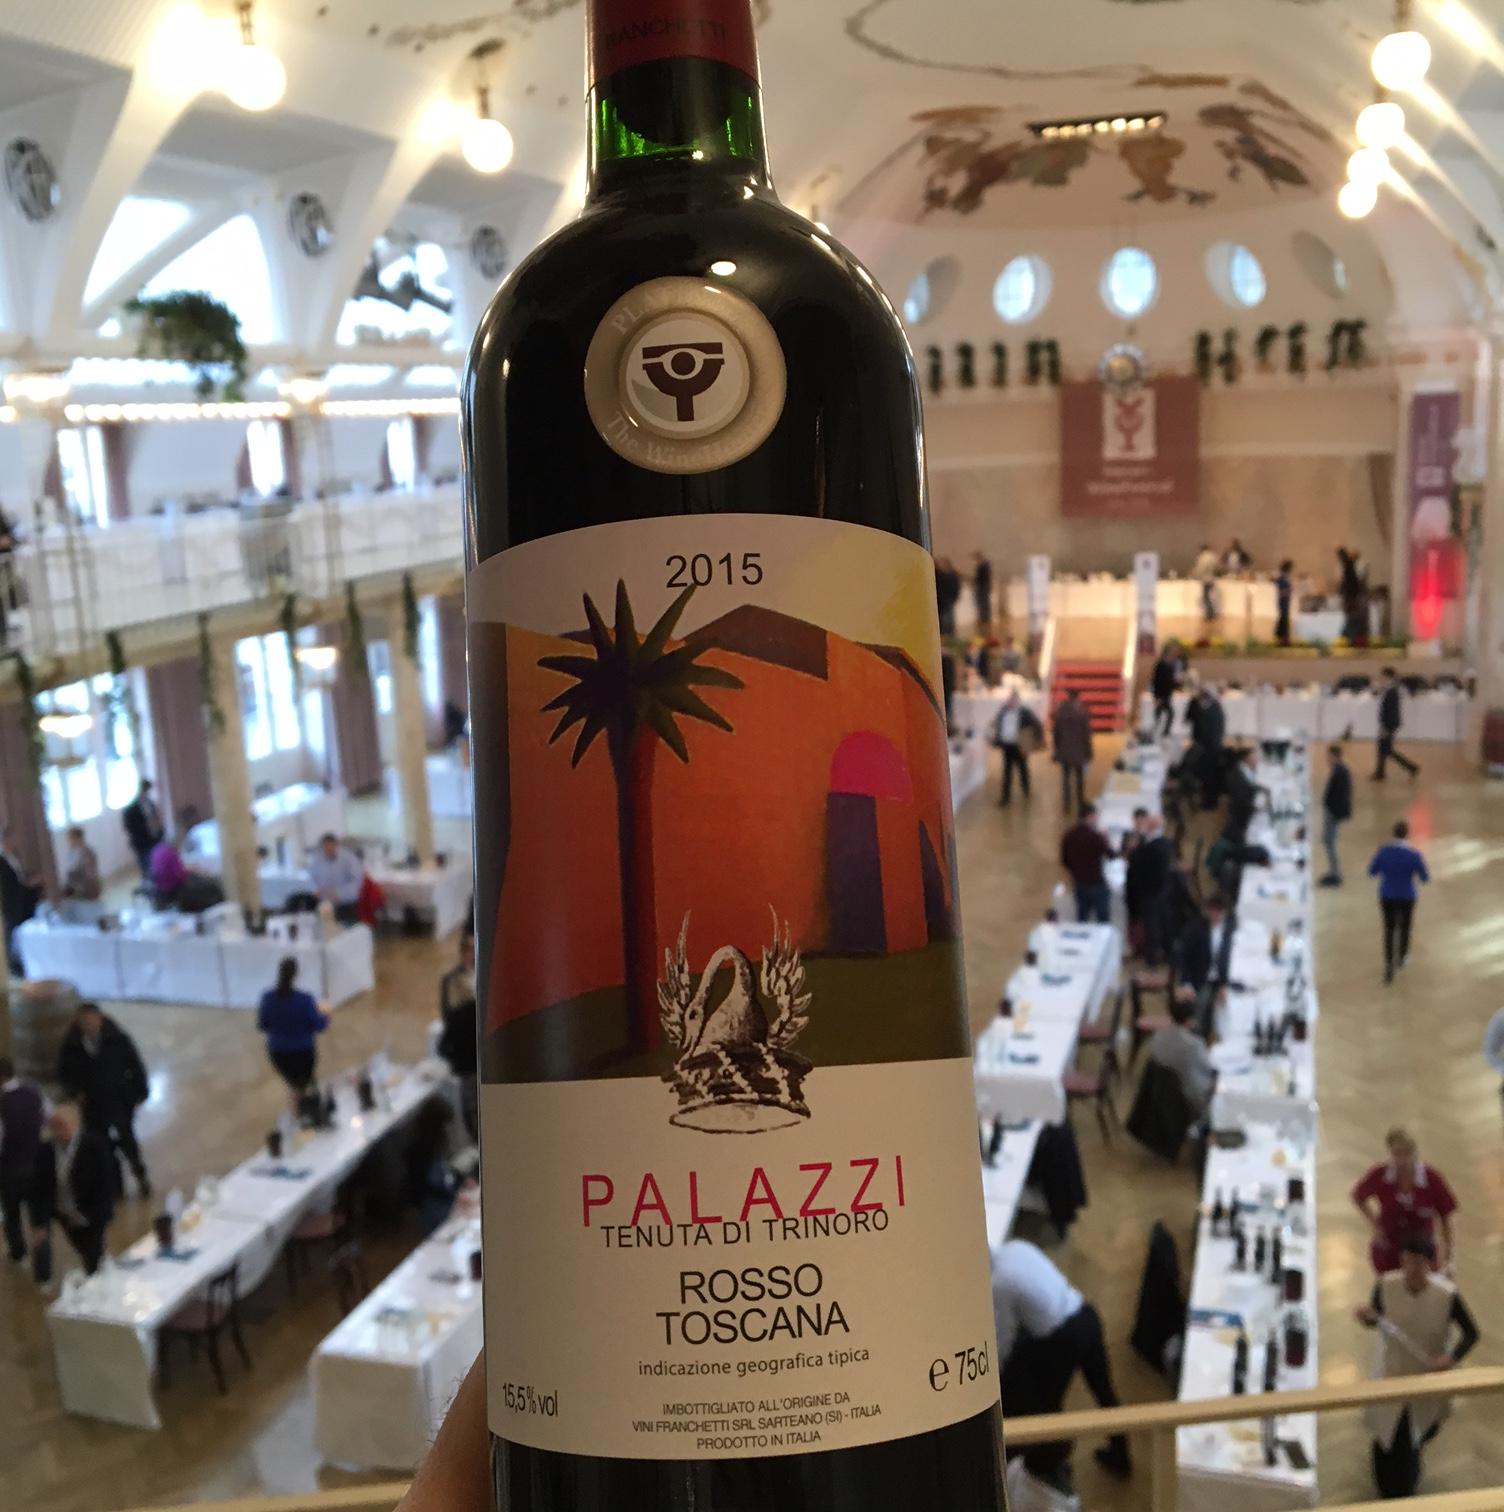 Tenuta di Trinoro triumphs at Merano WineFestival